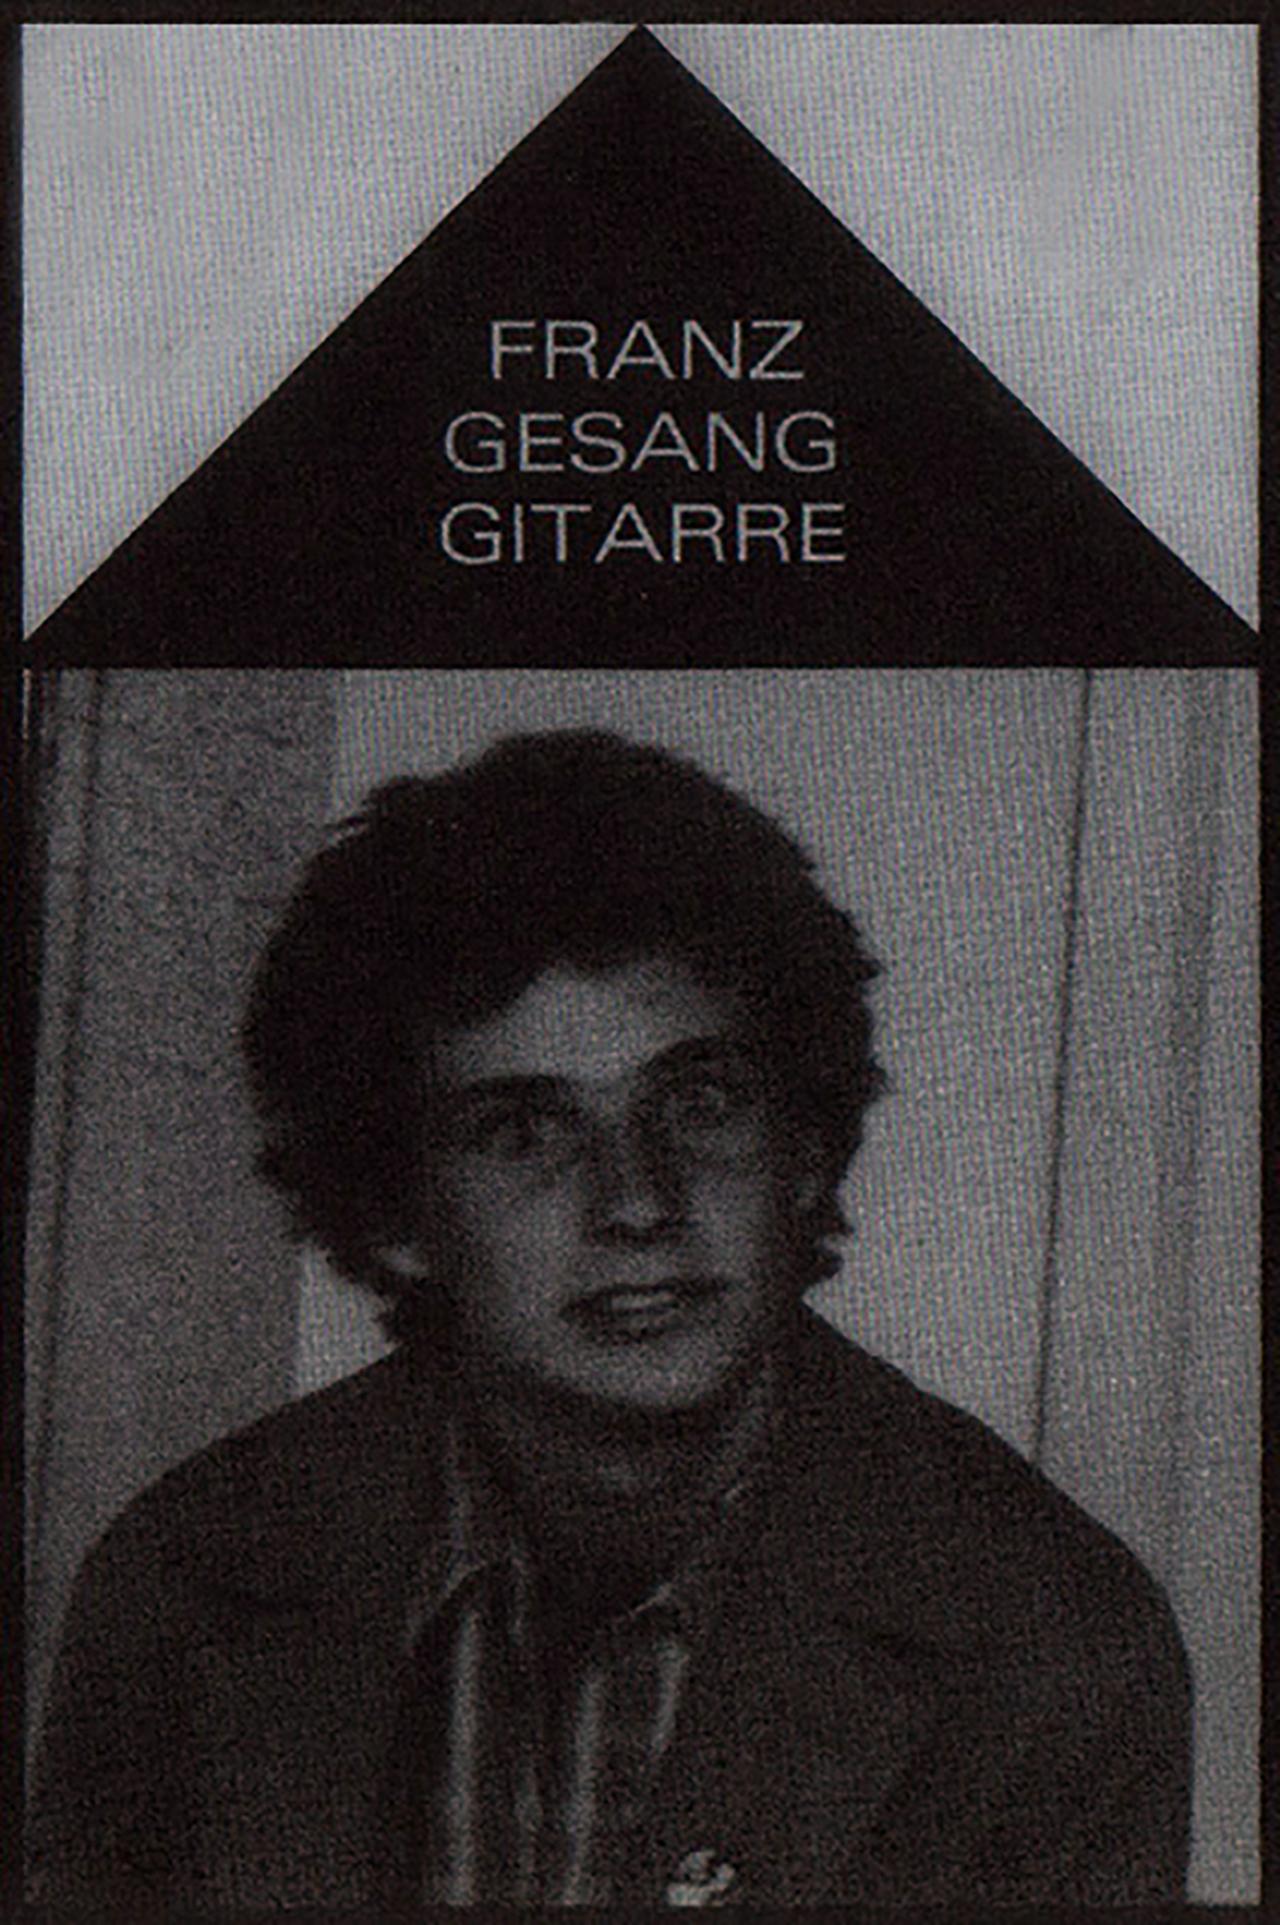 Franz Bröckel, 1979.